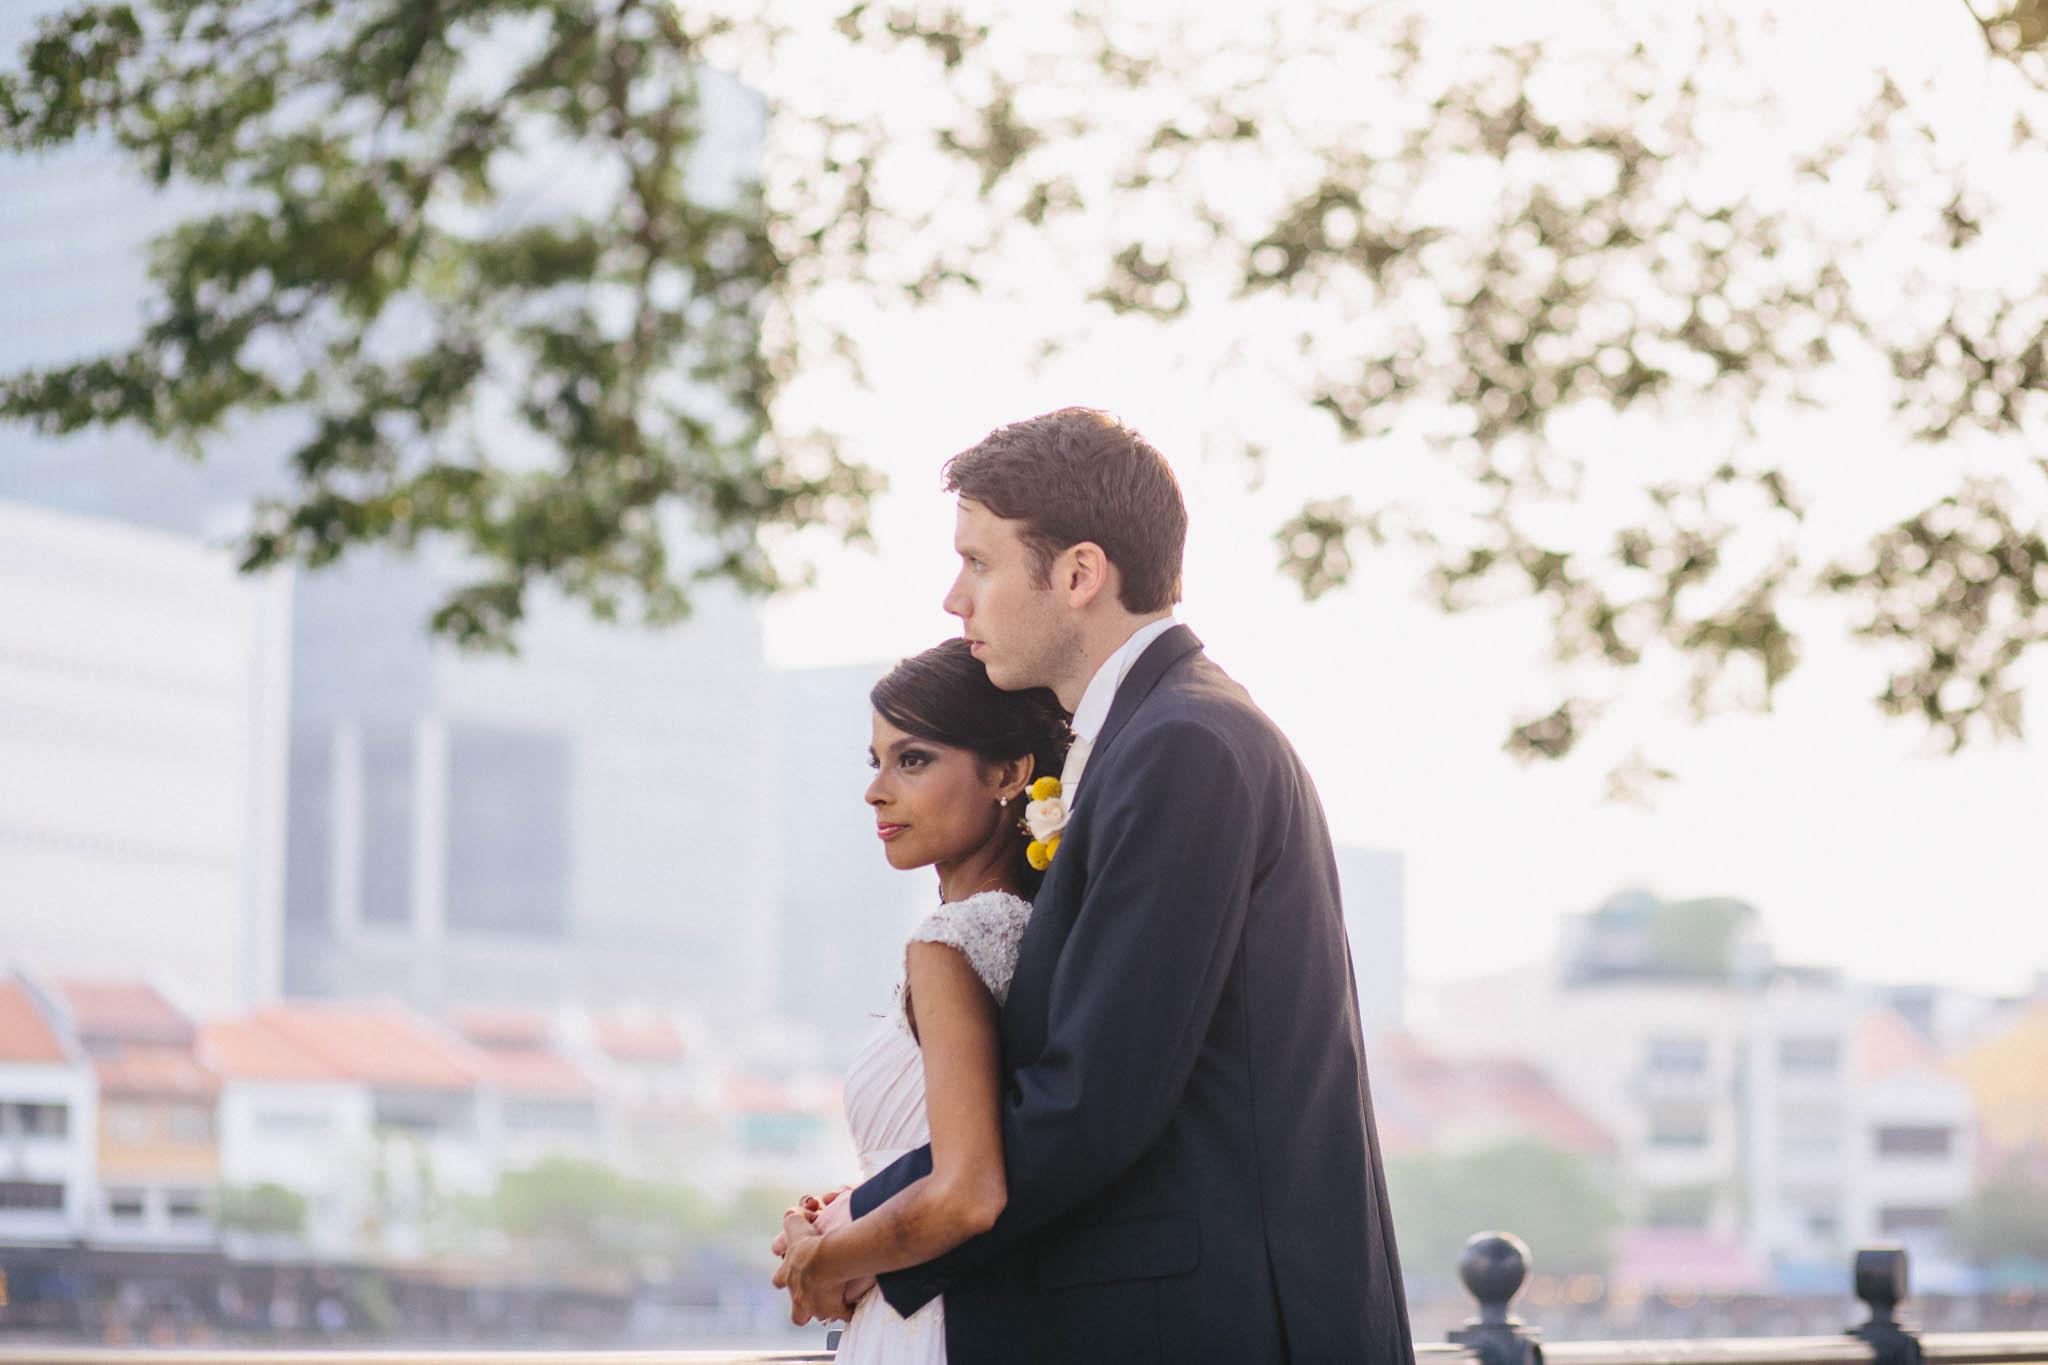 singapore-wedding-photographer-wemadethese-favourites-057.jpg